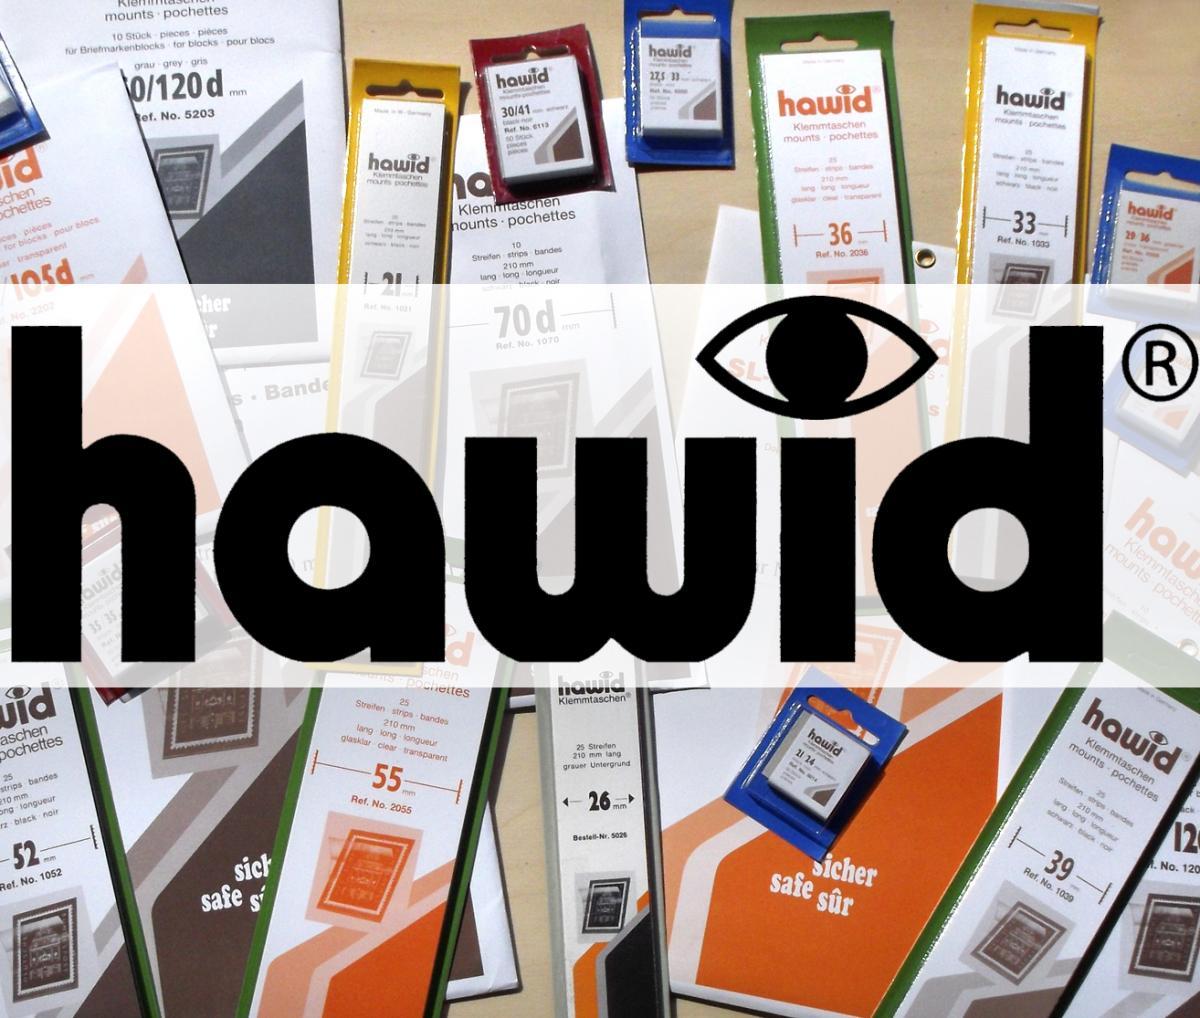 HAWID-Zuschnitte Klemmtaschen 26 x 40 mm, glasklar, 50 Stück (blaue Verpackung) 0